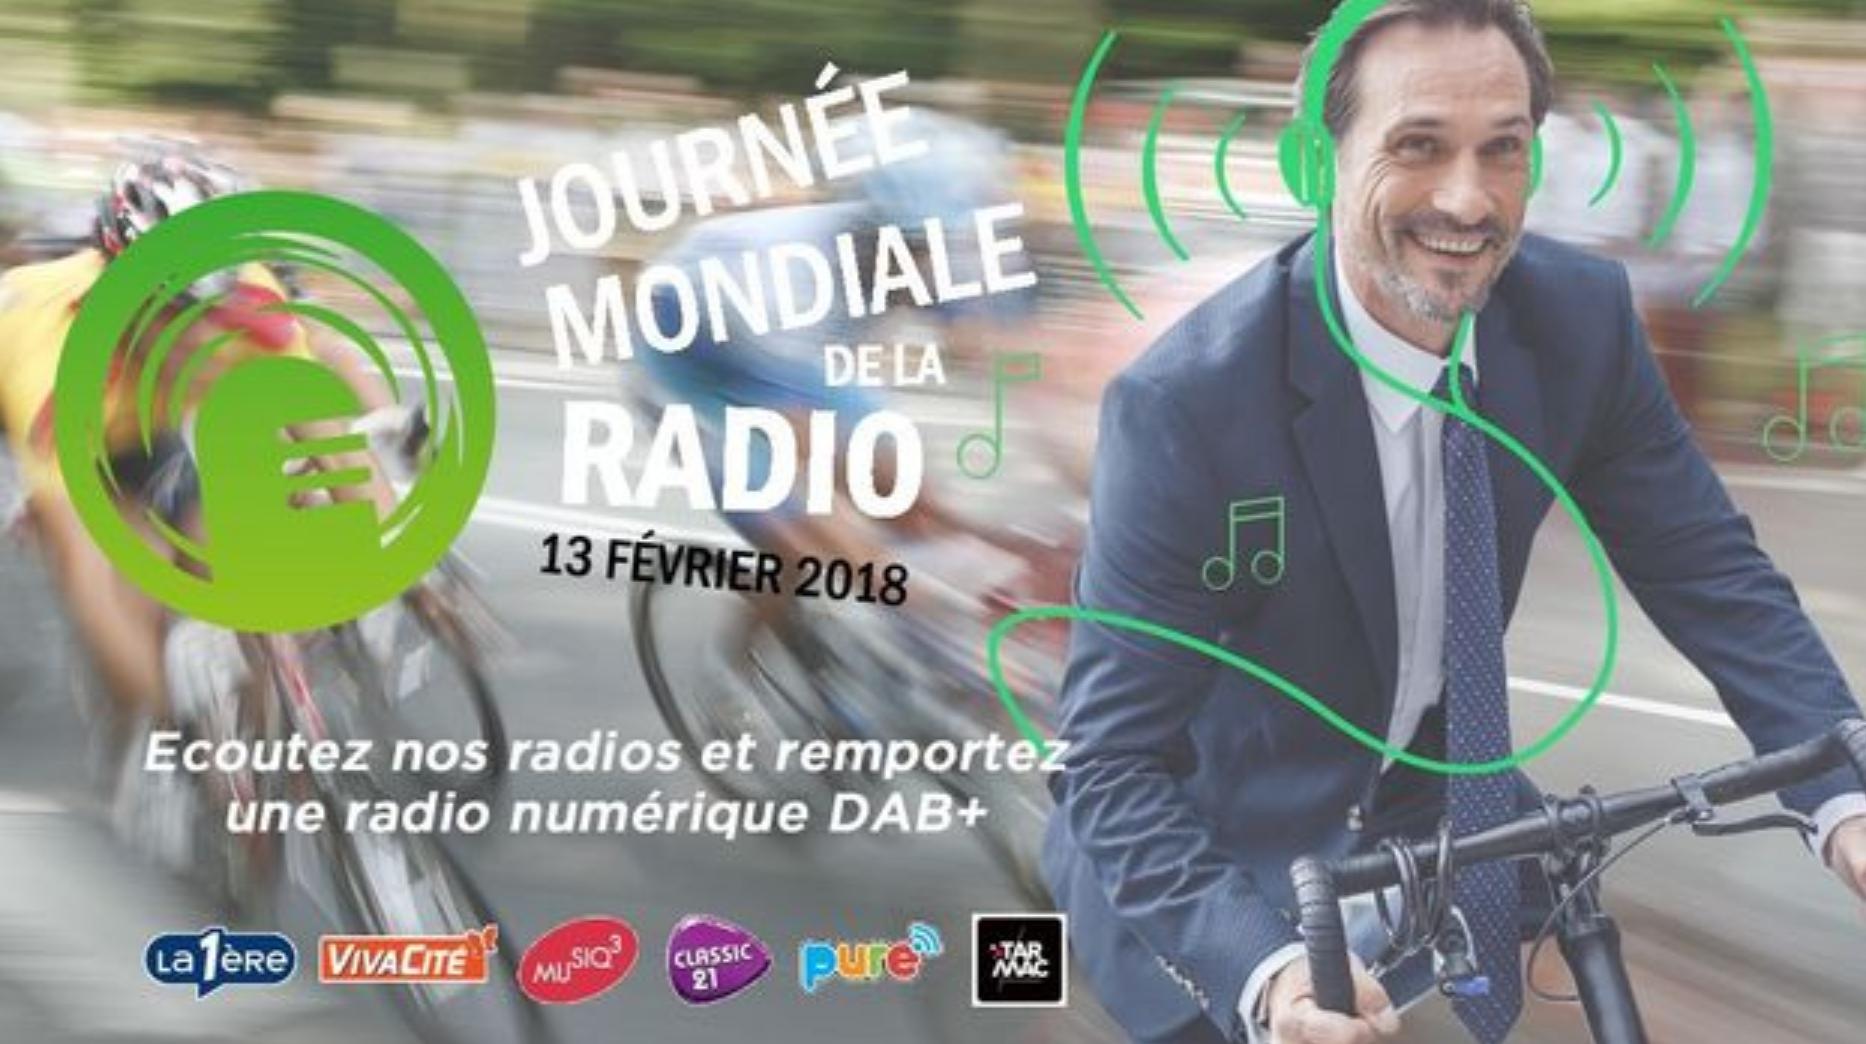 Les radios de la RTBF célèbrent la Journée mondiale de la radio